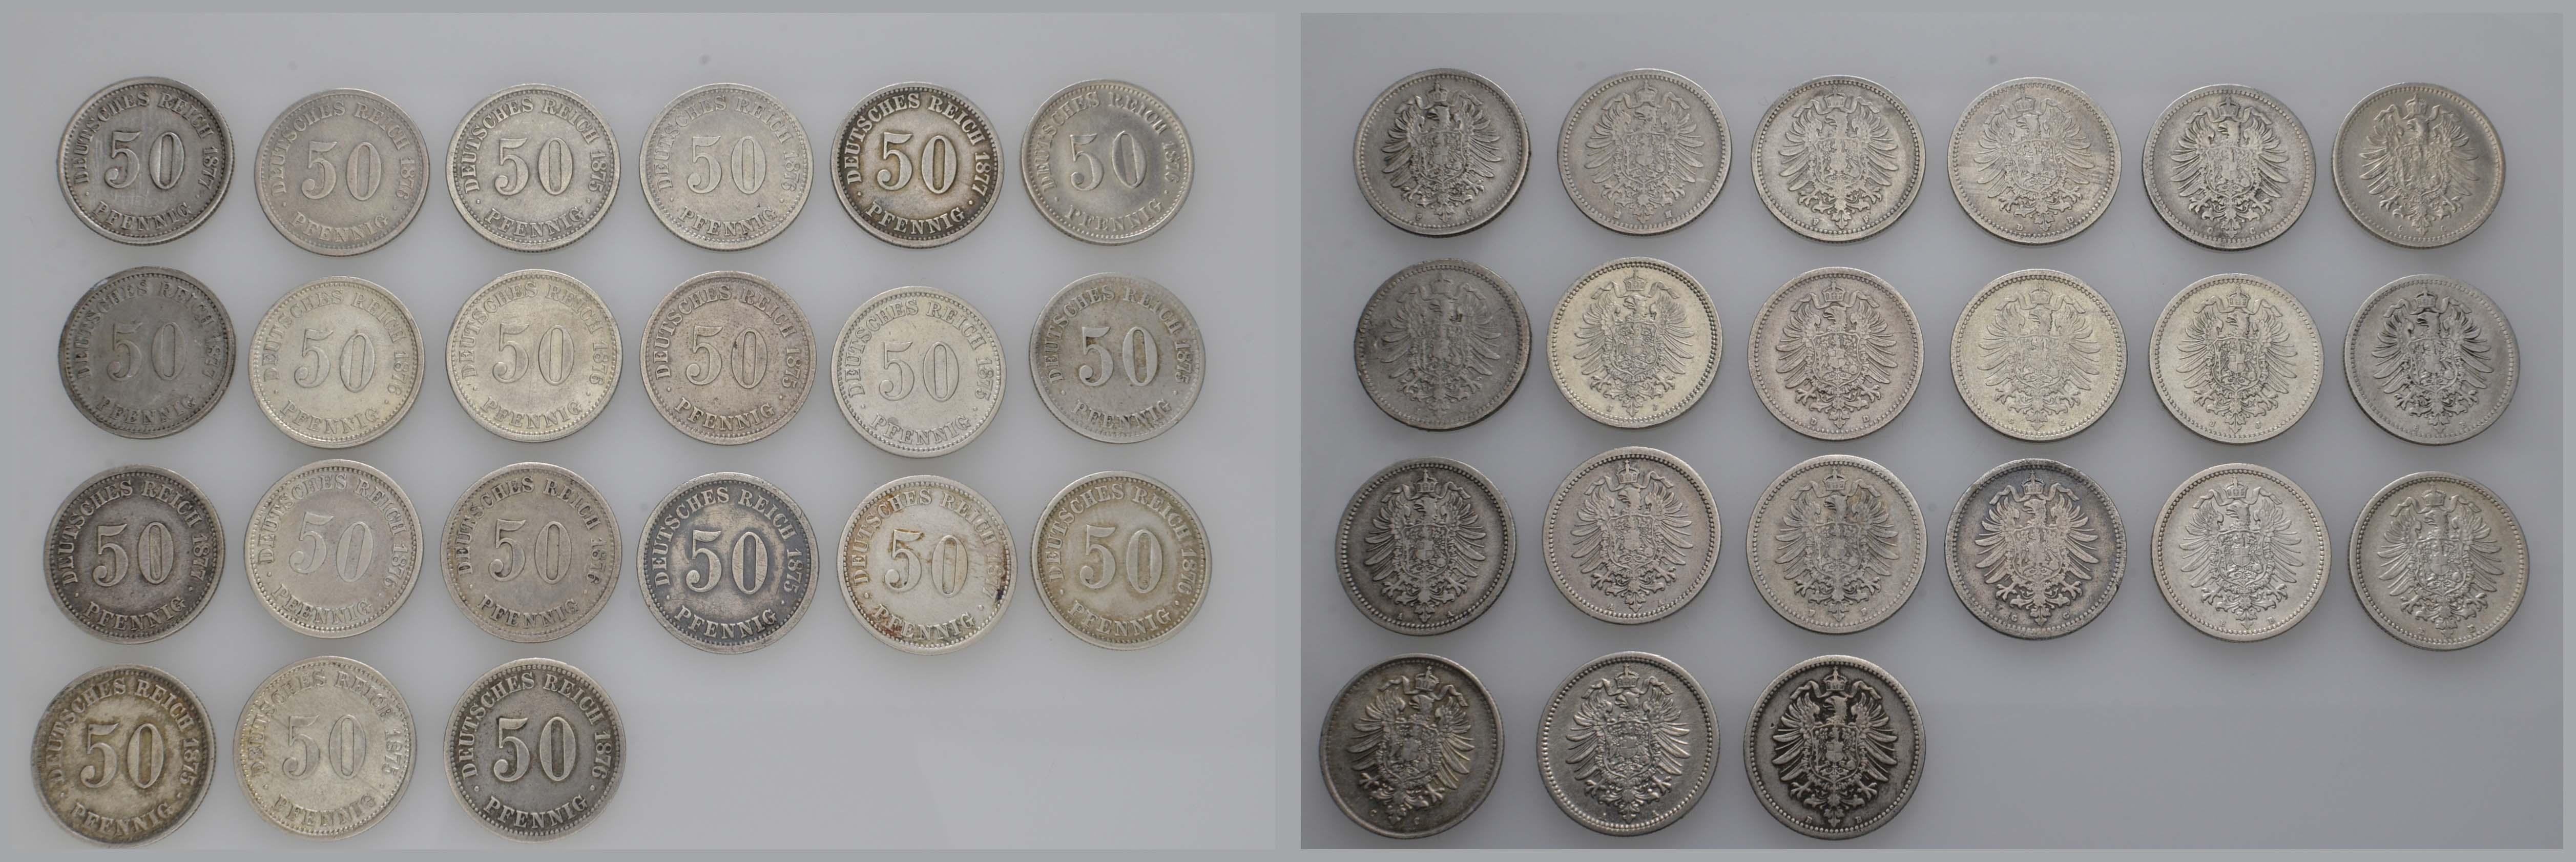 Lot 631 - deutschland Kaiserreich Silbermünzen - Kursmünzen -  Auktionshaus Ulrich Felzmann GmbH & Co. KG Coins single lots